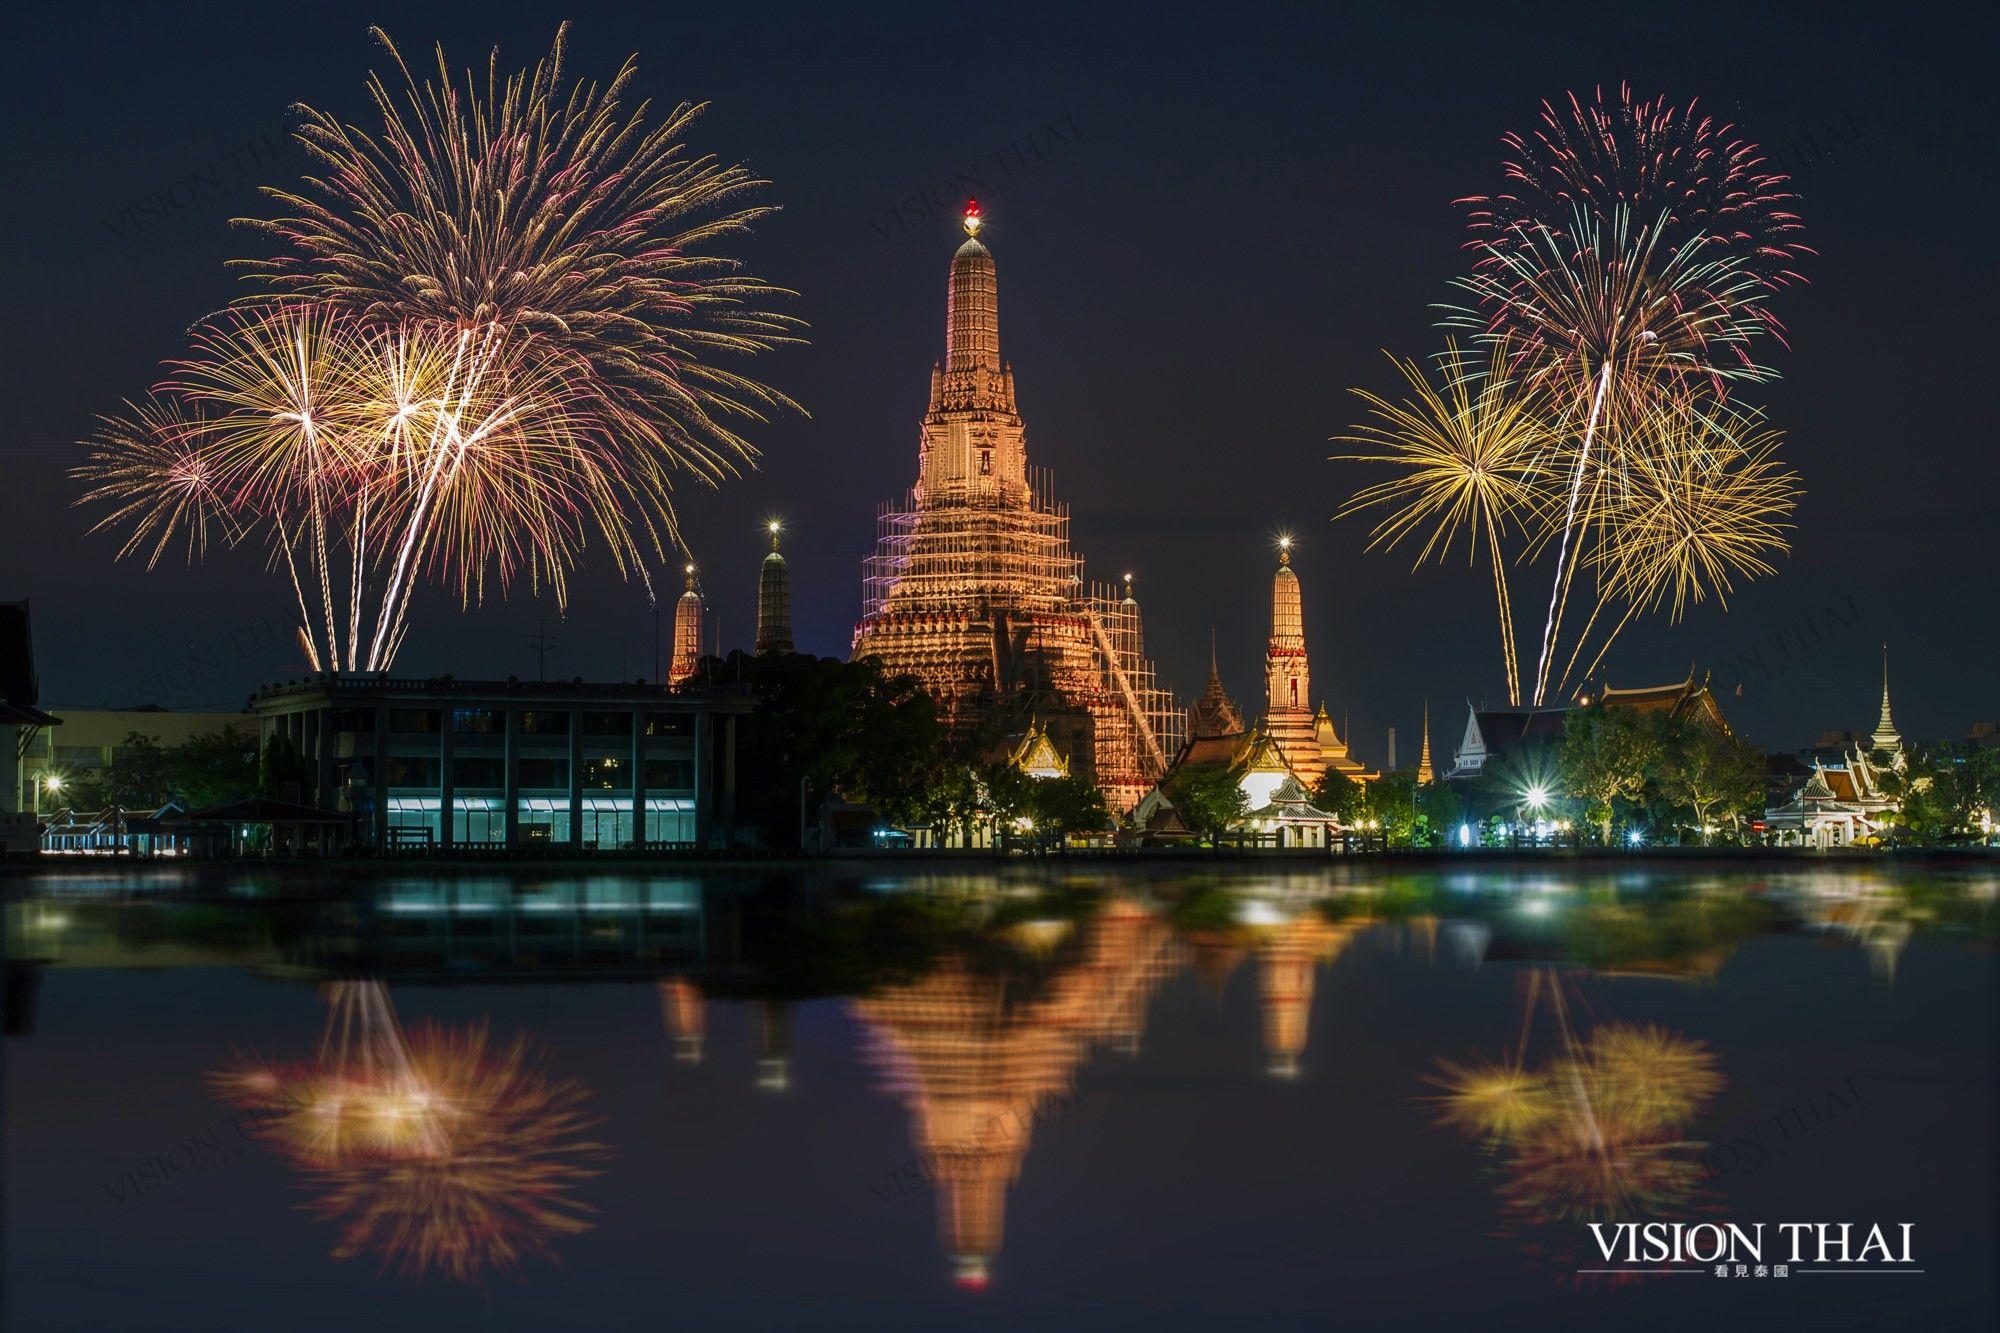 曼谷黎明寺Wat Arun 曼谷最唯美古老的佛寺 黎明、黃昏、夜晚各有迷人風采